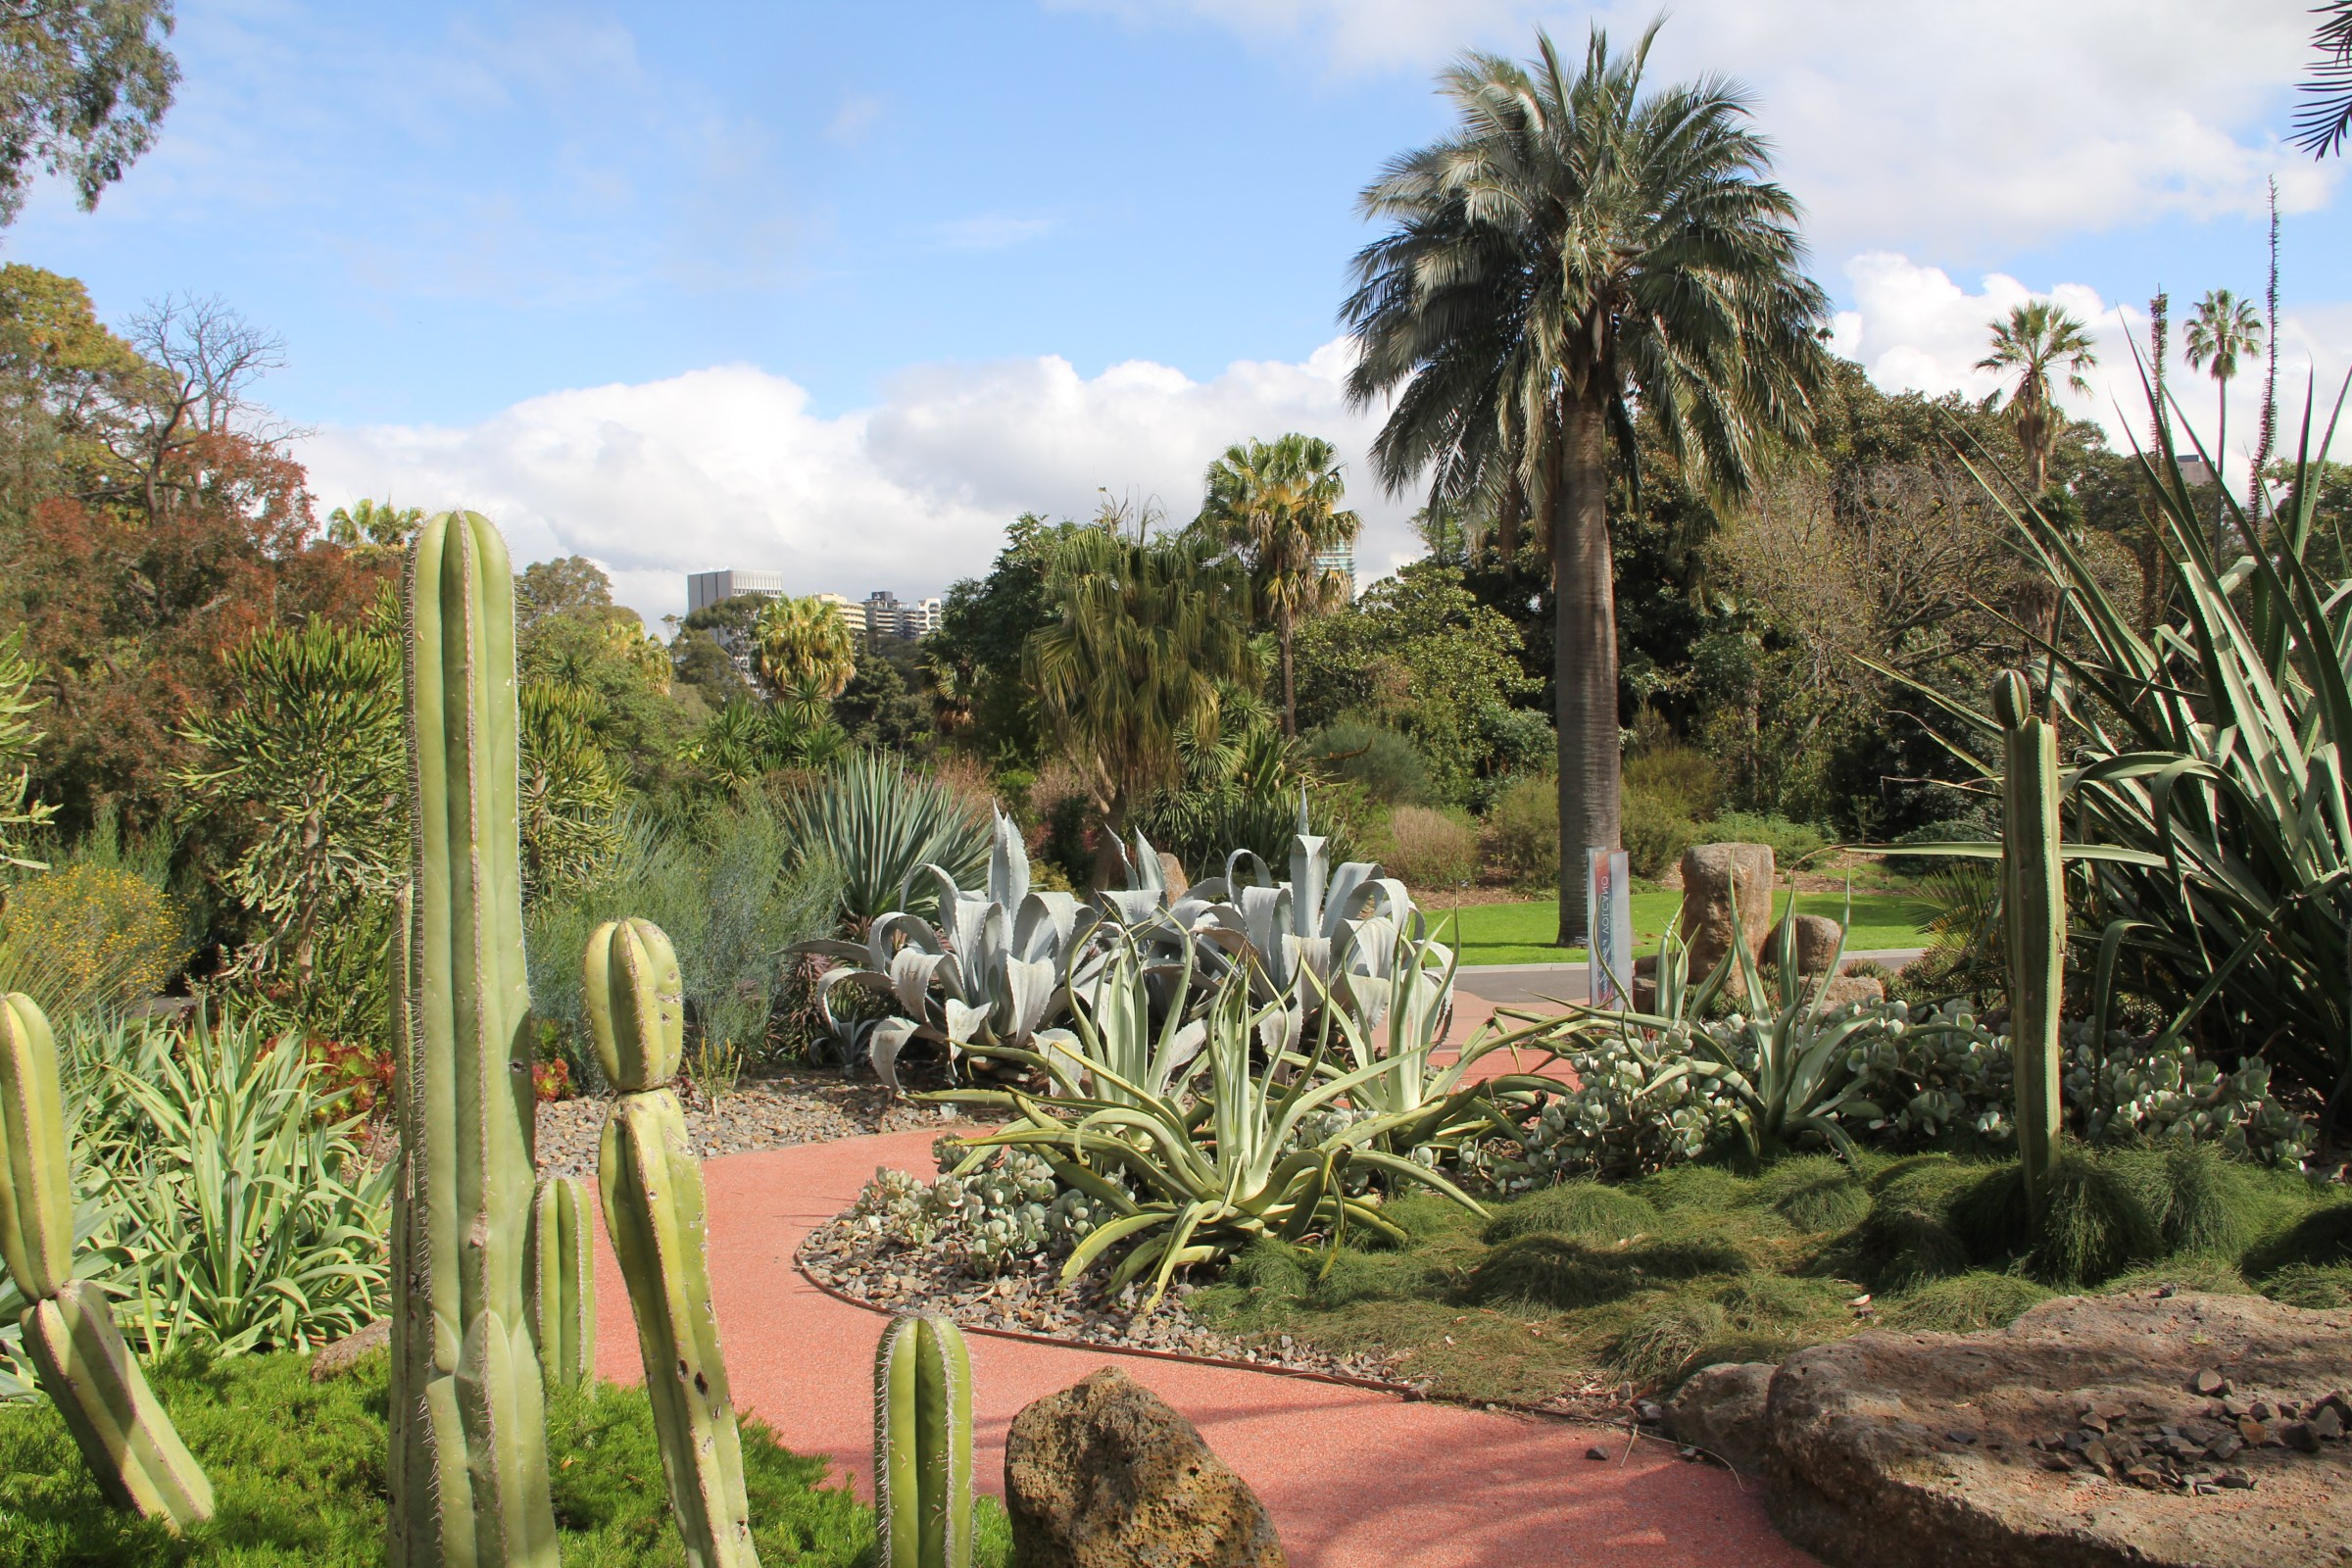 Royal Botanical Garden Melbourne